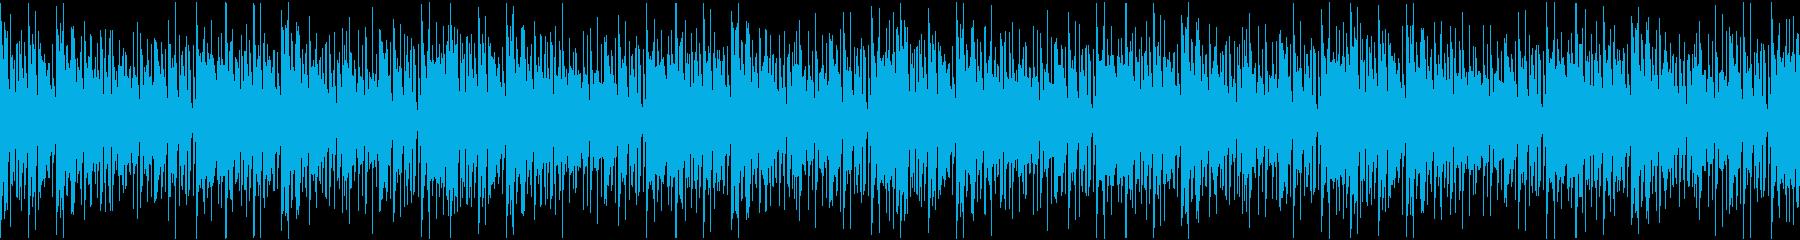 アップテンポな優しいボサノバ(ループ)aの再生済みの波形